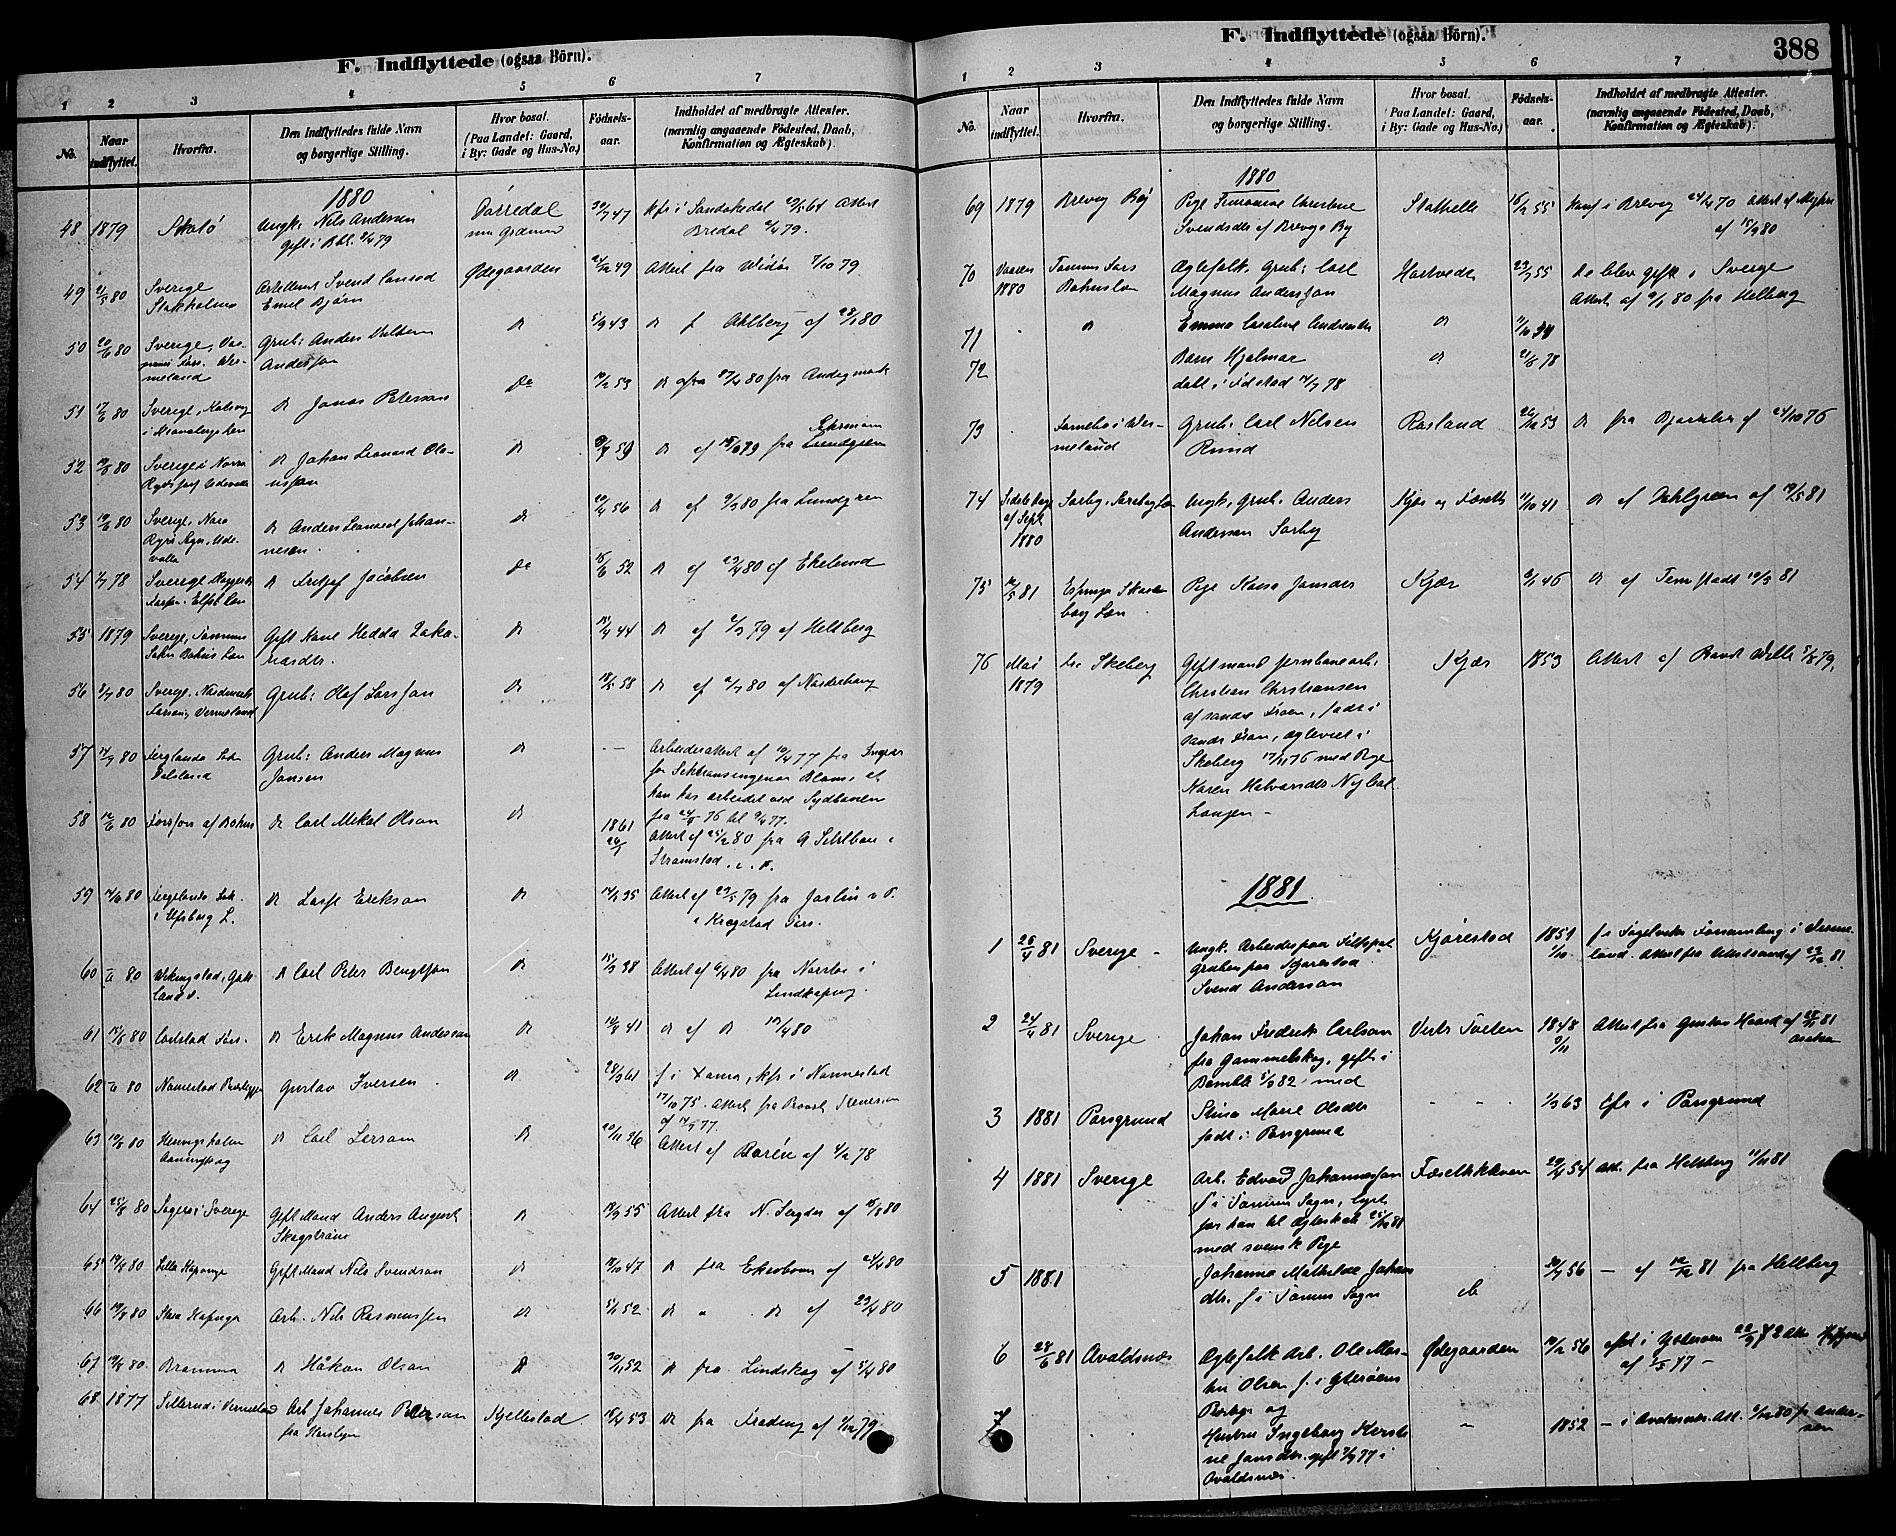 SAKO, Bamble kirkebøker, G/Ga/L0008: Klokkerbok nr. I 8, 1878-1888, s. 388